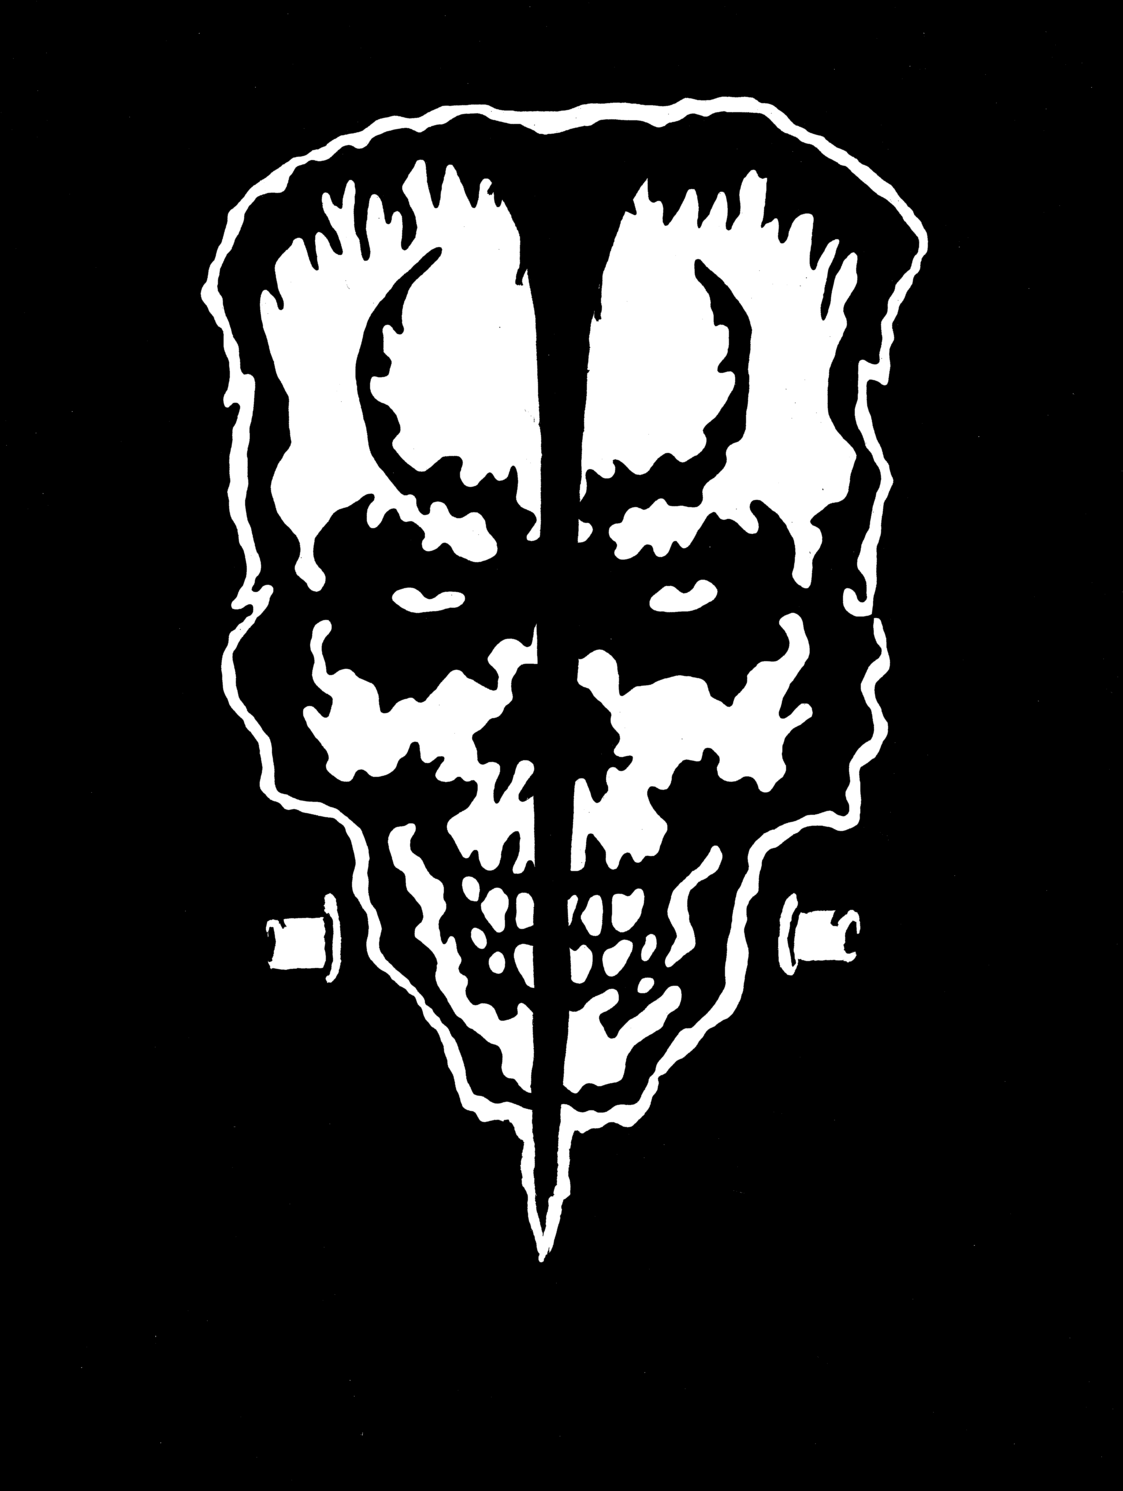 2016 skull logo